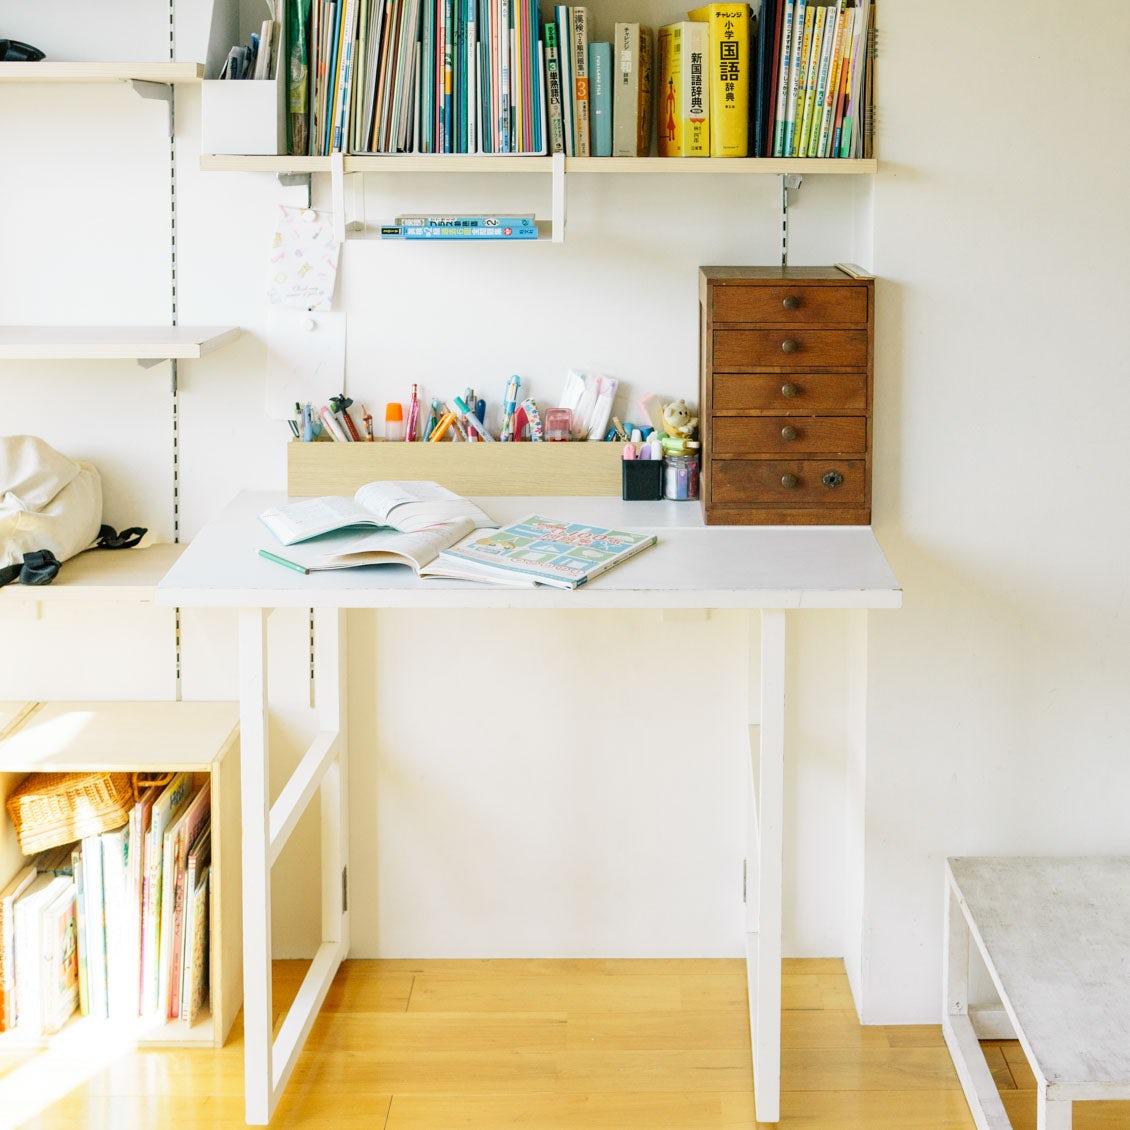 【リビング学習】第2話:椅子や照明、収納棚はどれがいい?学習スペースづくりのコツ